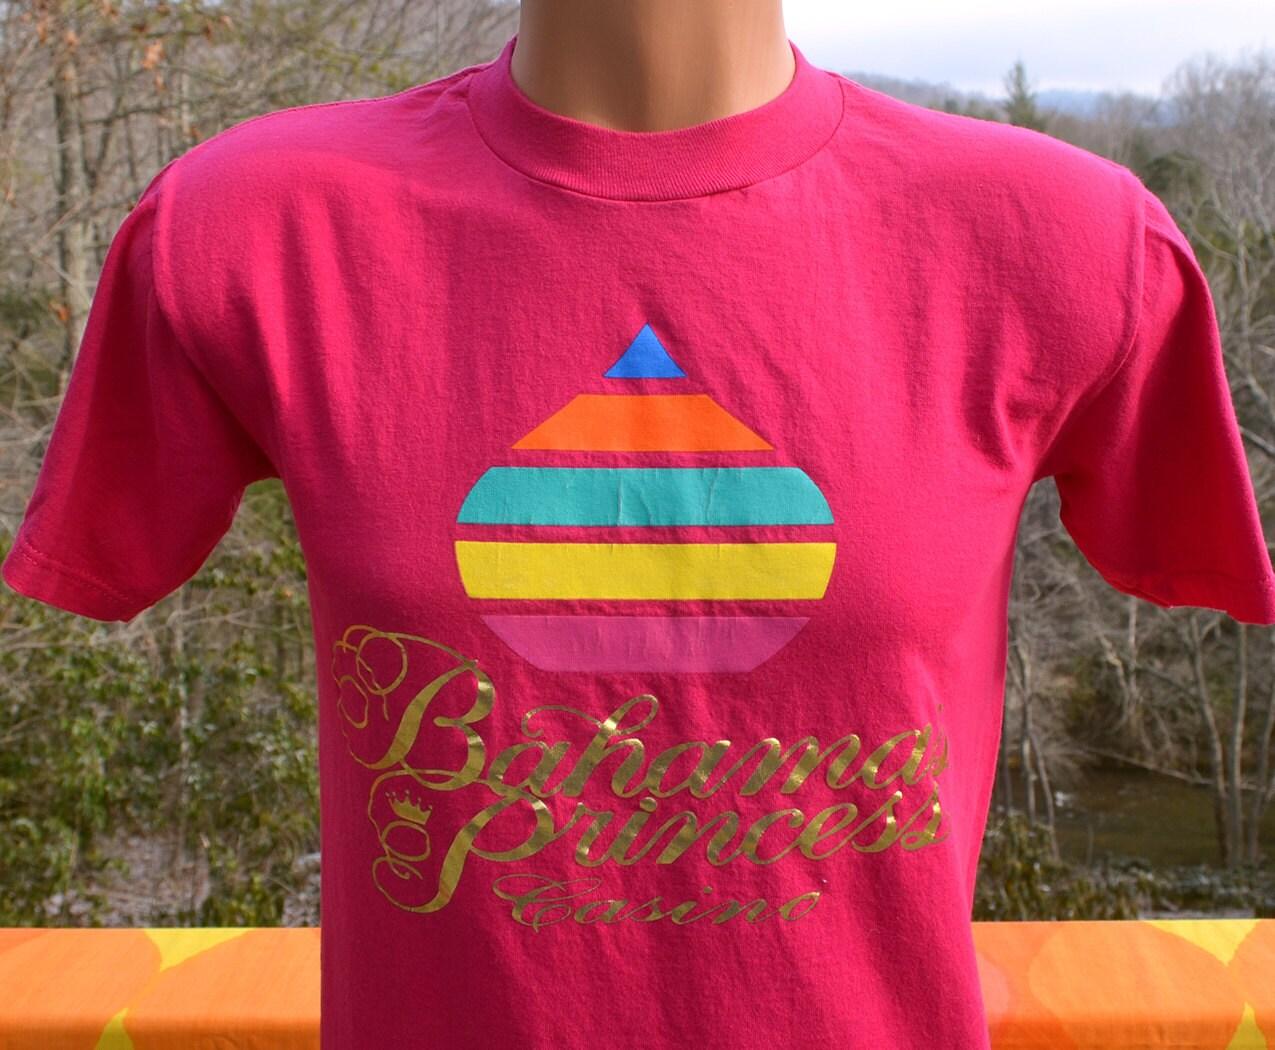 Shinny Caribbean: Vintage 80s Tee BAHAMAS Princess Casino Shiny Gold Caribbean